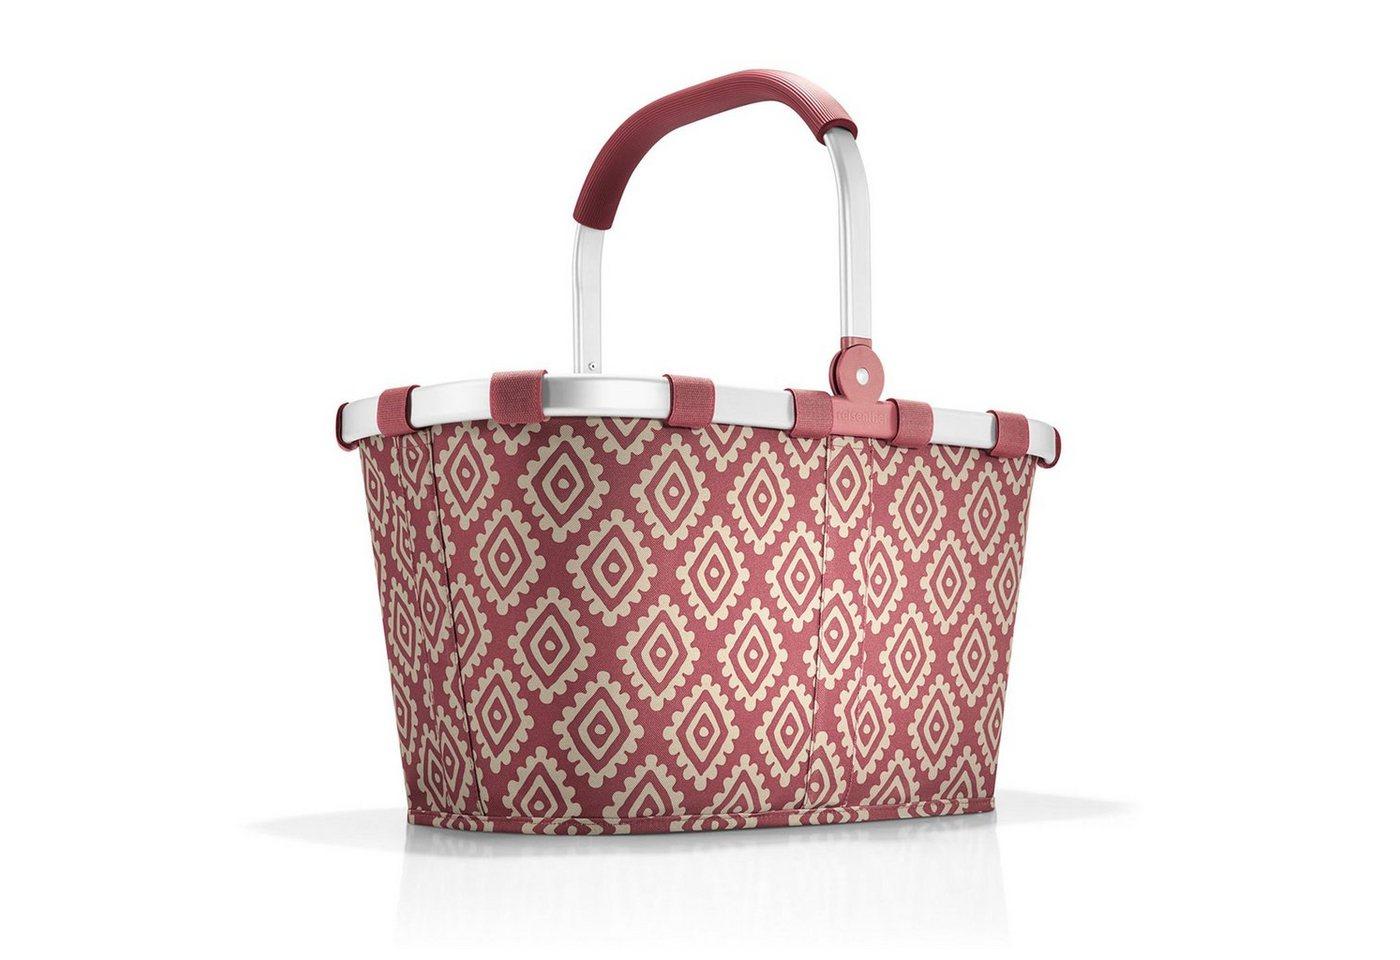 REISENTHEL® Einkaufskorb »carrybag« | Taschen > Handtaschen > Einkaufstasche | Jeans - Polyester | REISENTHEL®